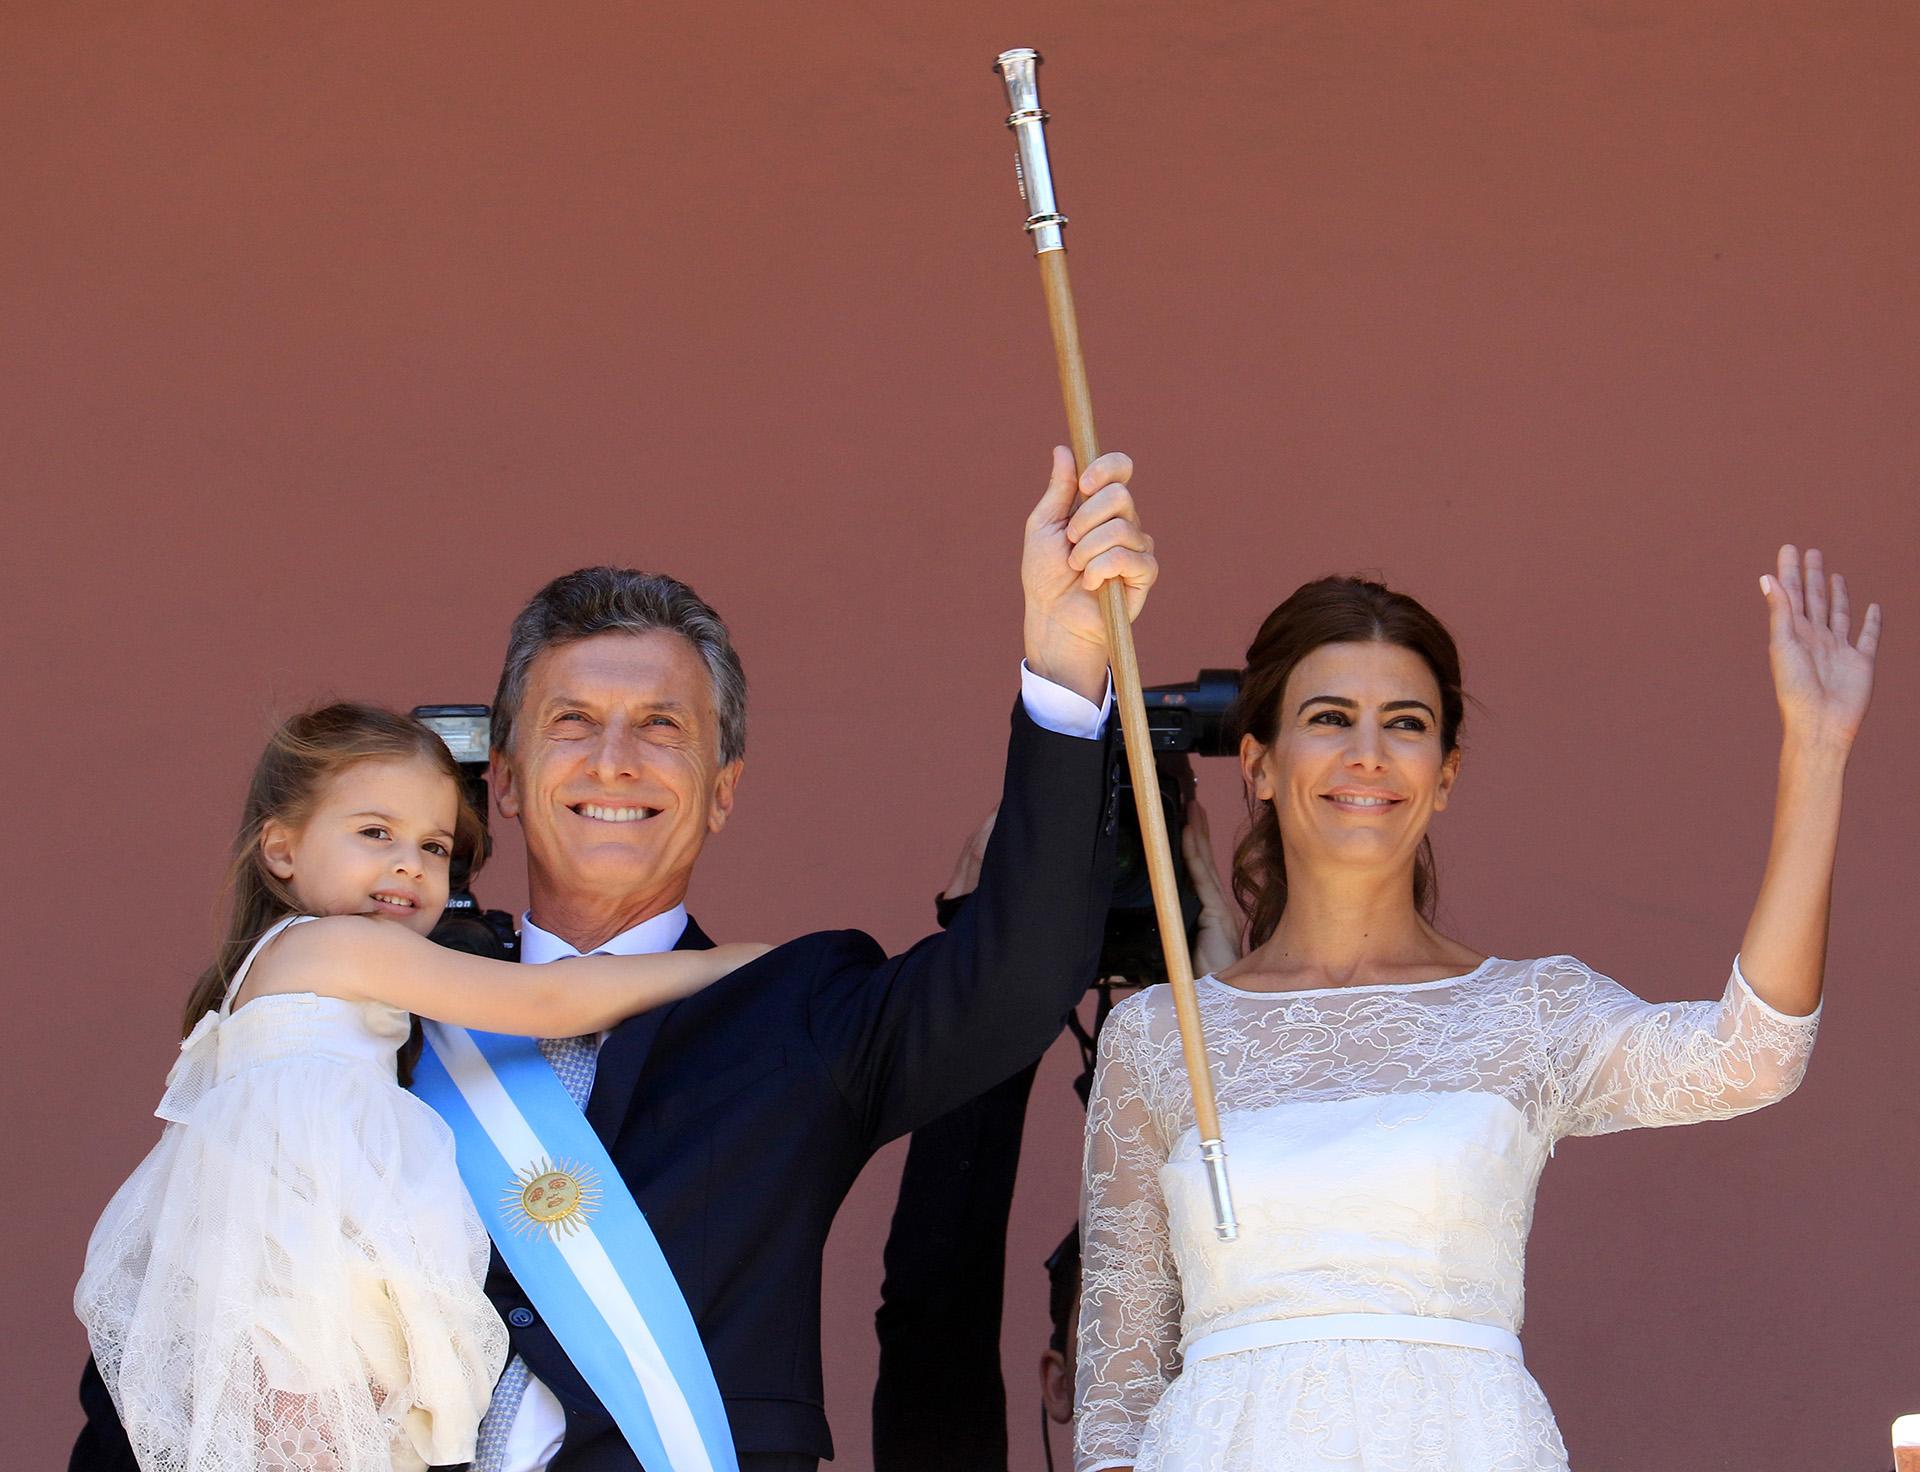 2015. En el balcón de la Casa Rosada junto a Awada y Antonia, luego de su toma de posesión como presidente de Argentina.